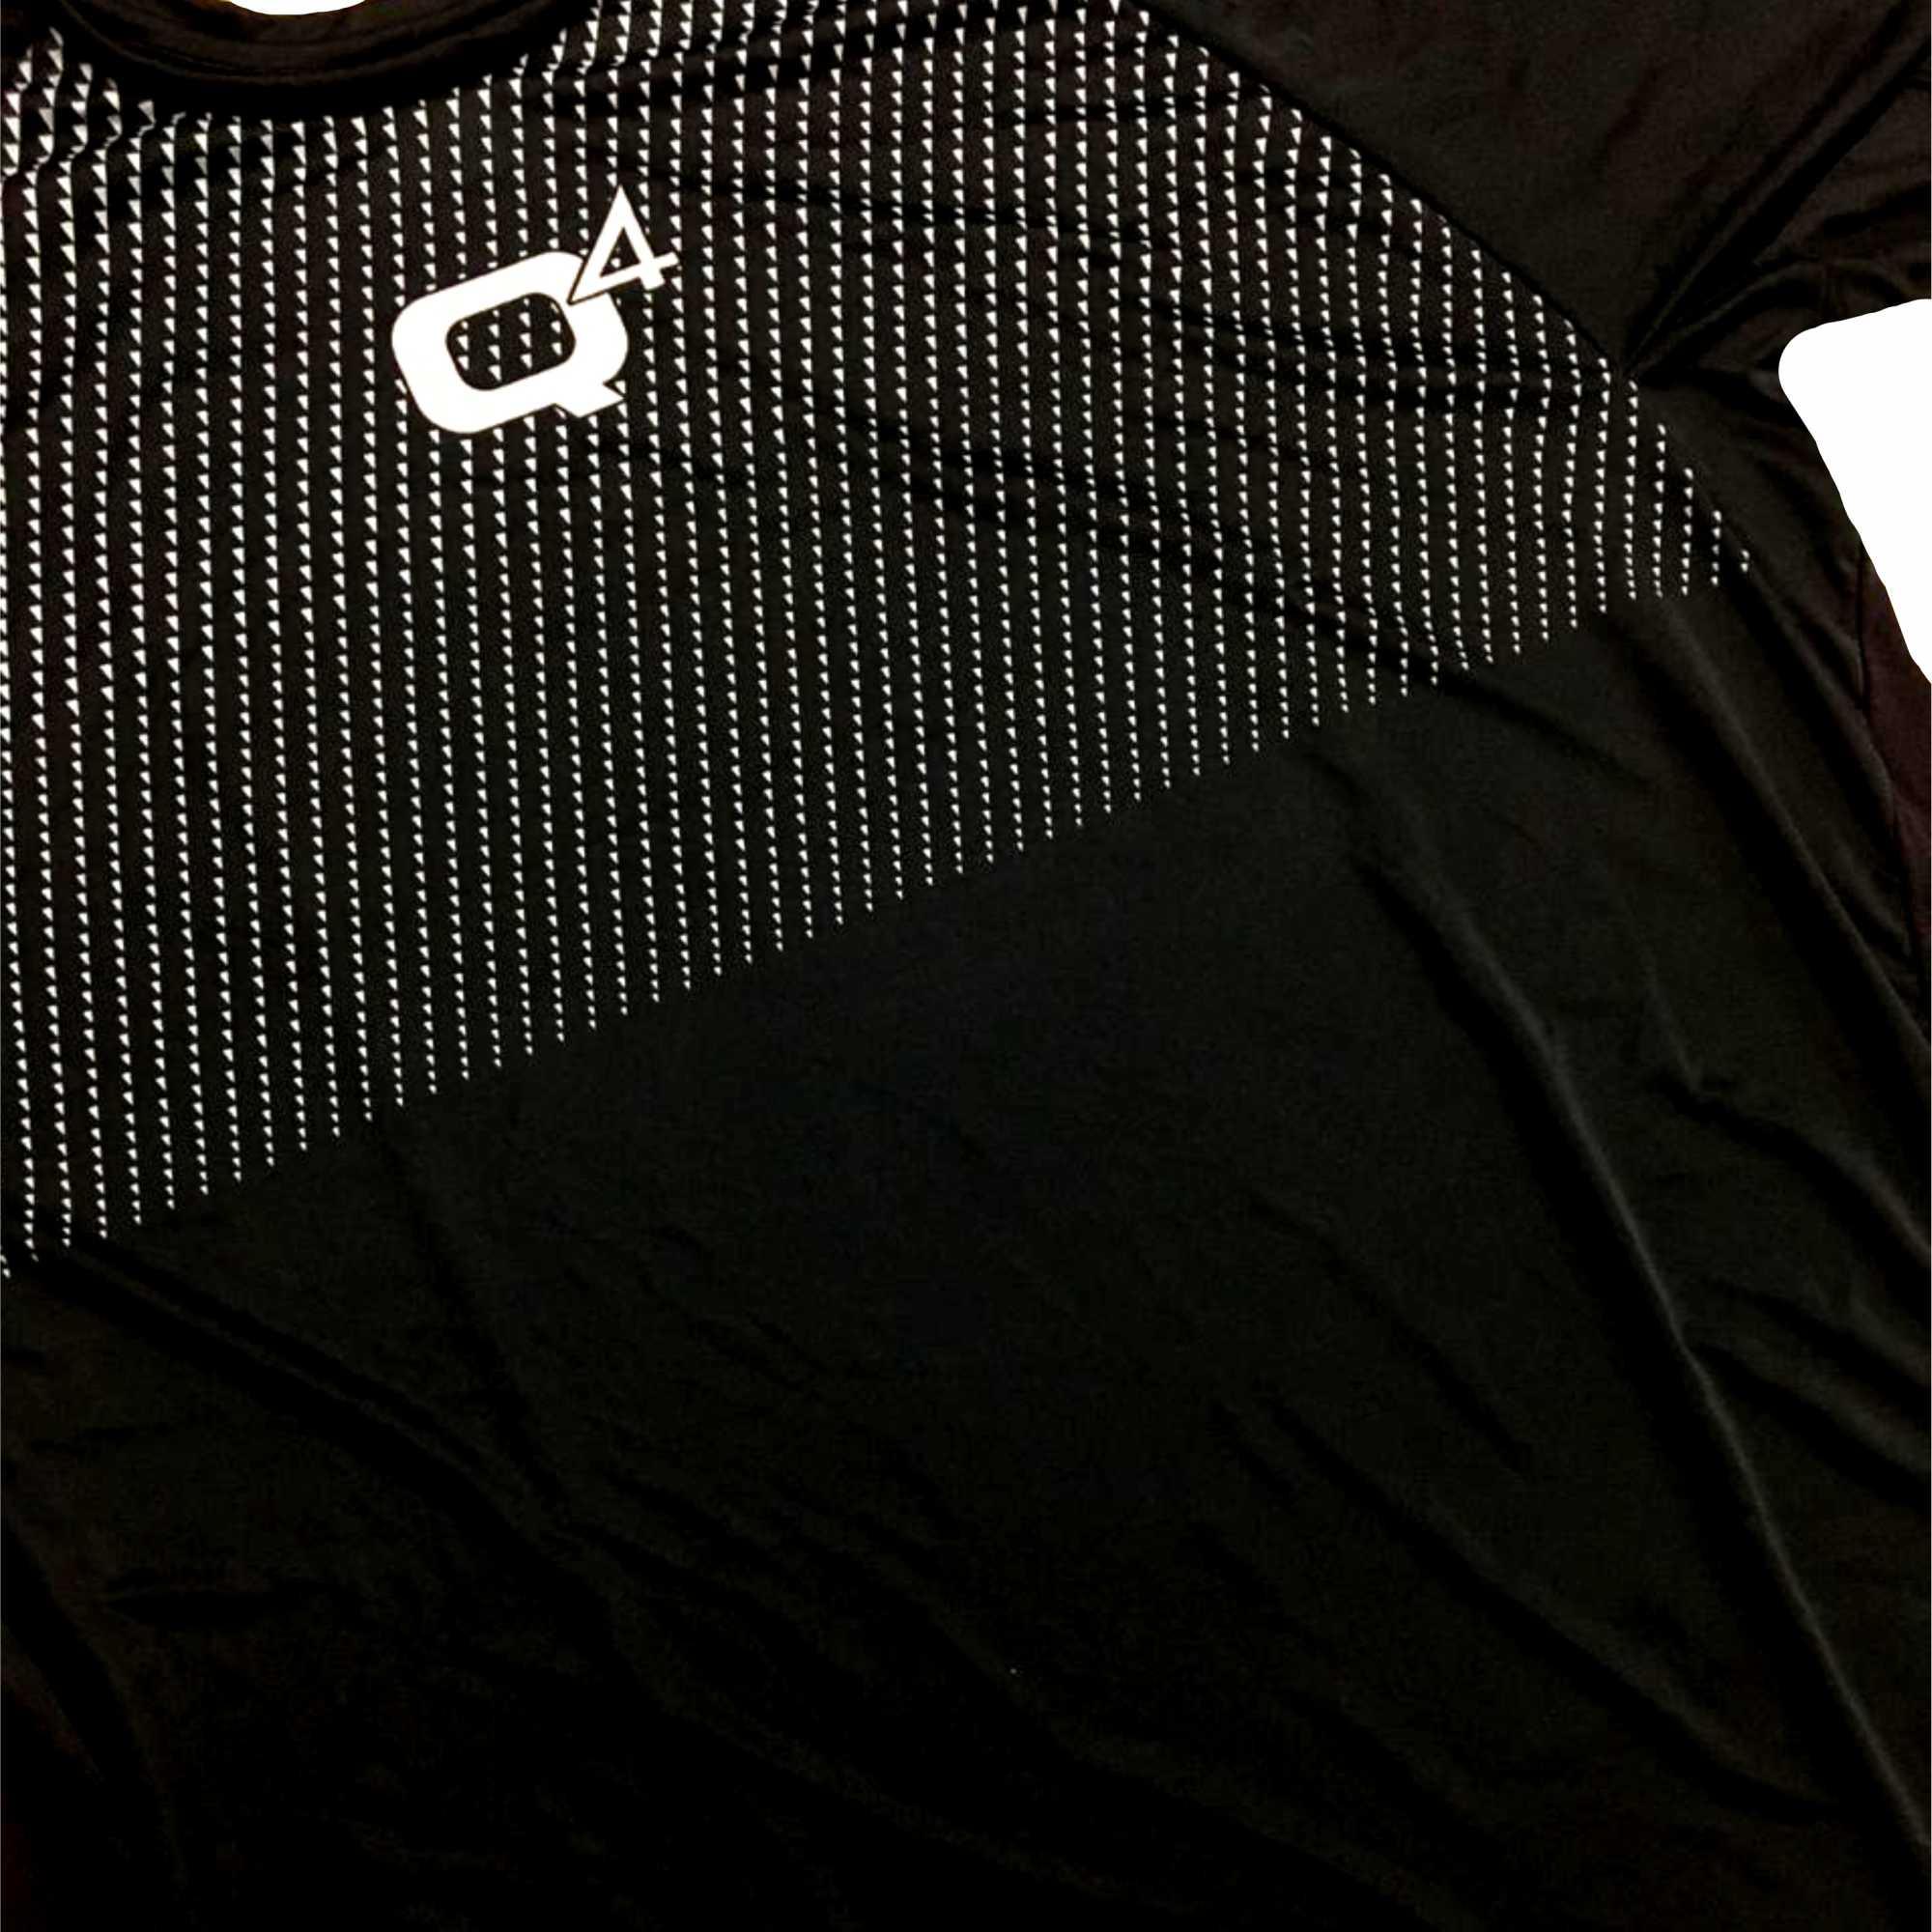 Camiseta Q4 Sports  Dry Fit Manga Curta Unissex